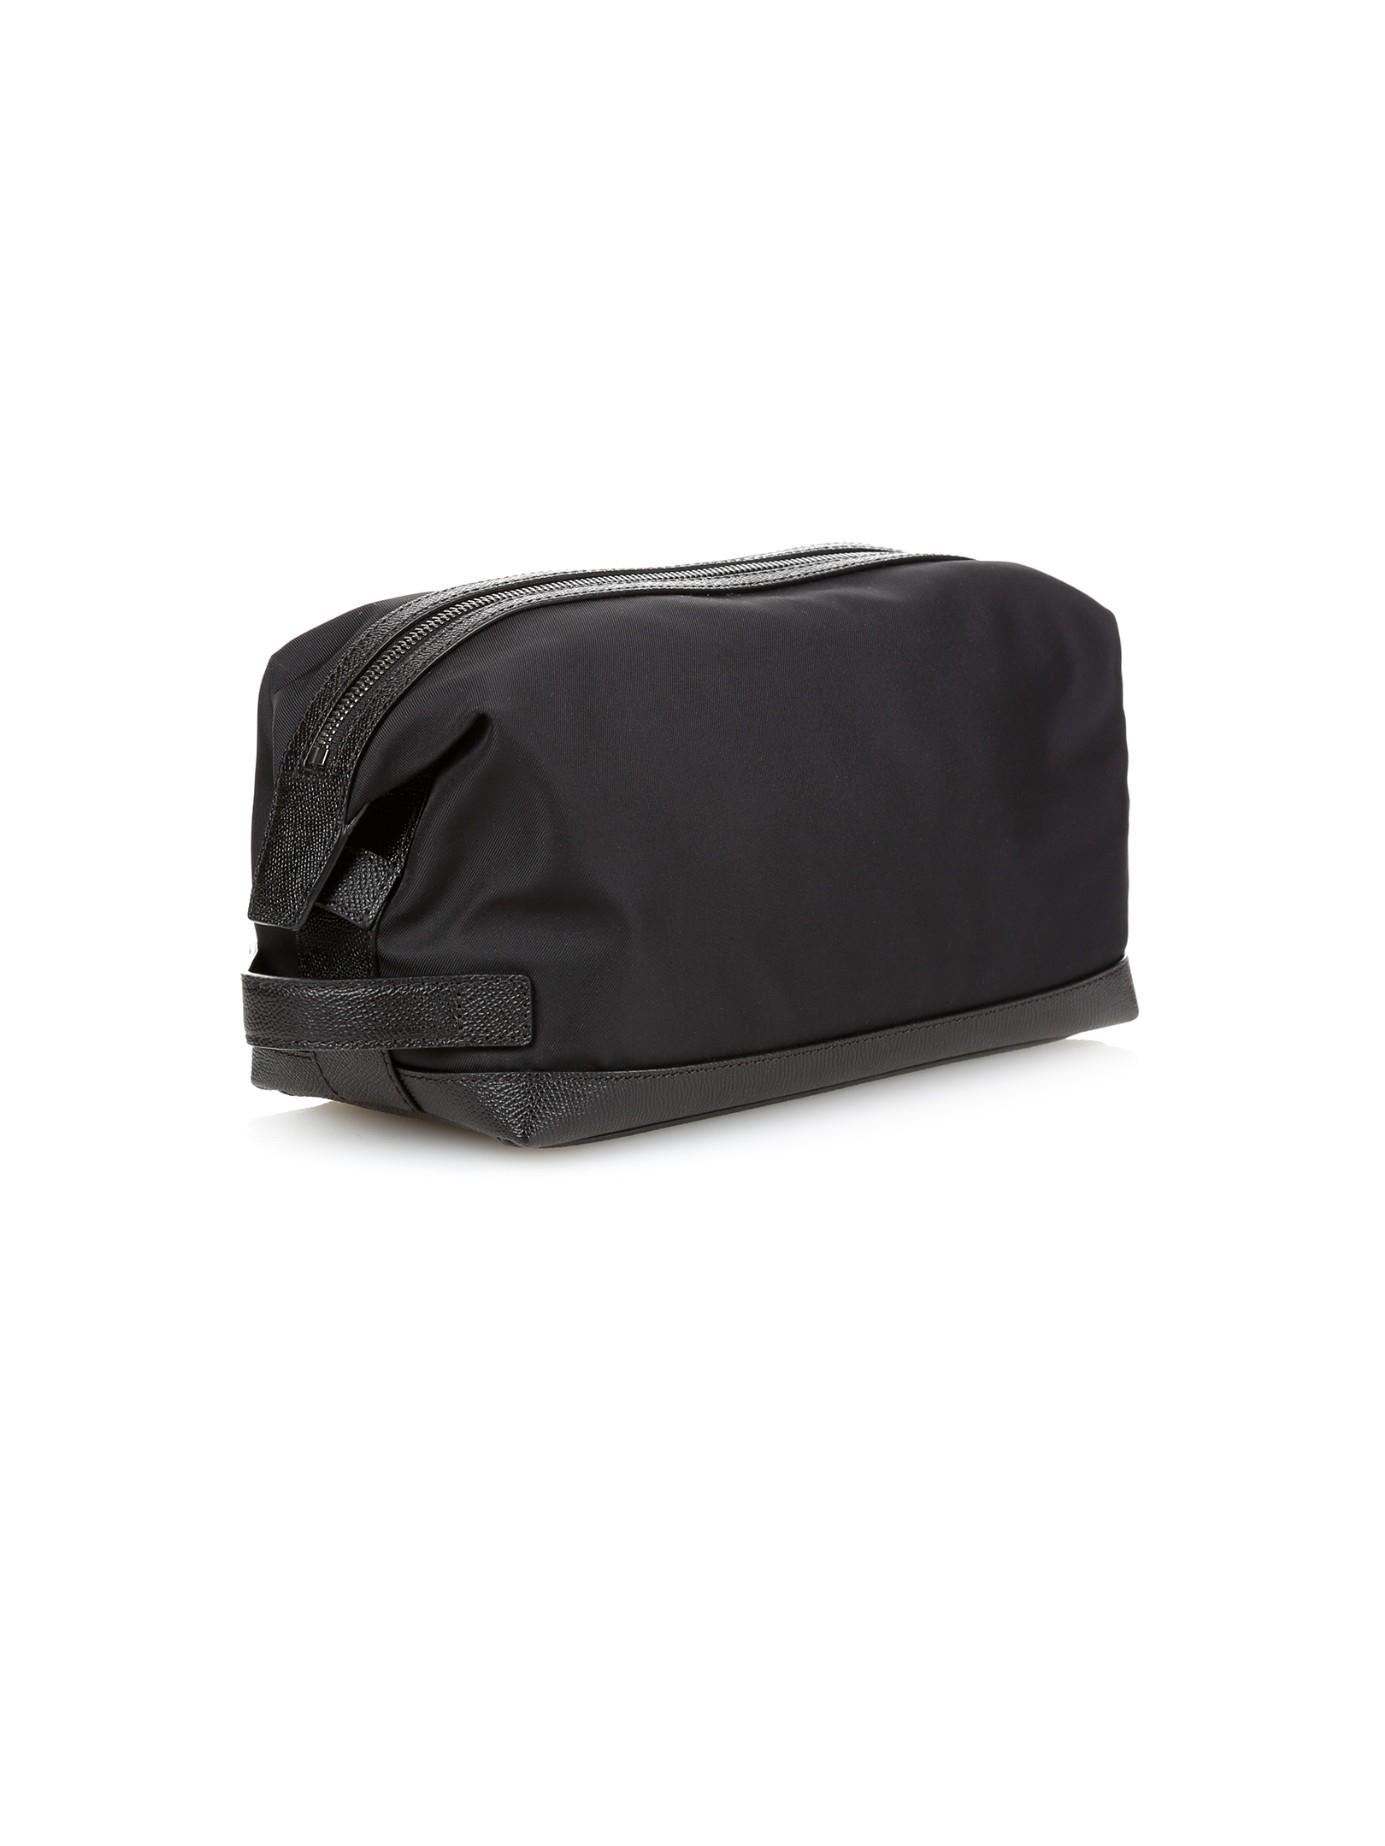 d1faef15afbd Lyst - Burberry Blaine Nylon Washbag in Black for Men